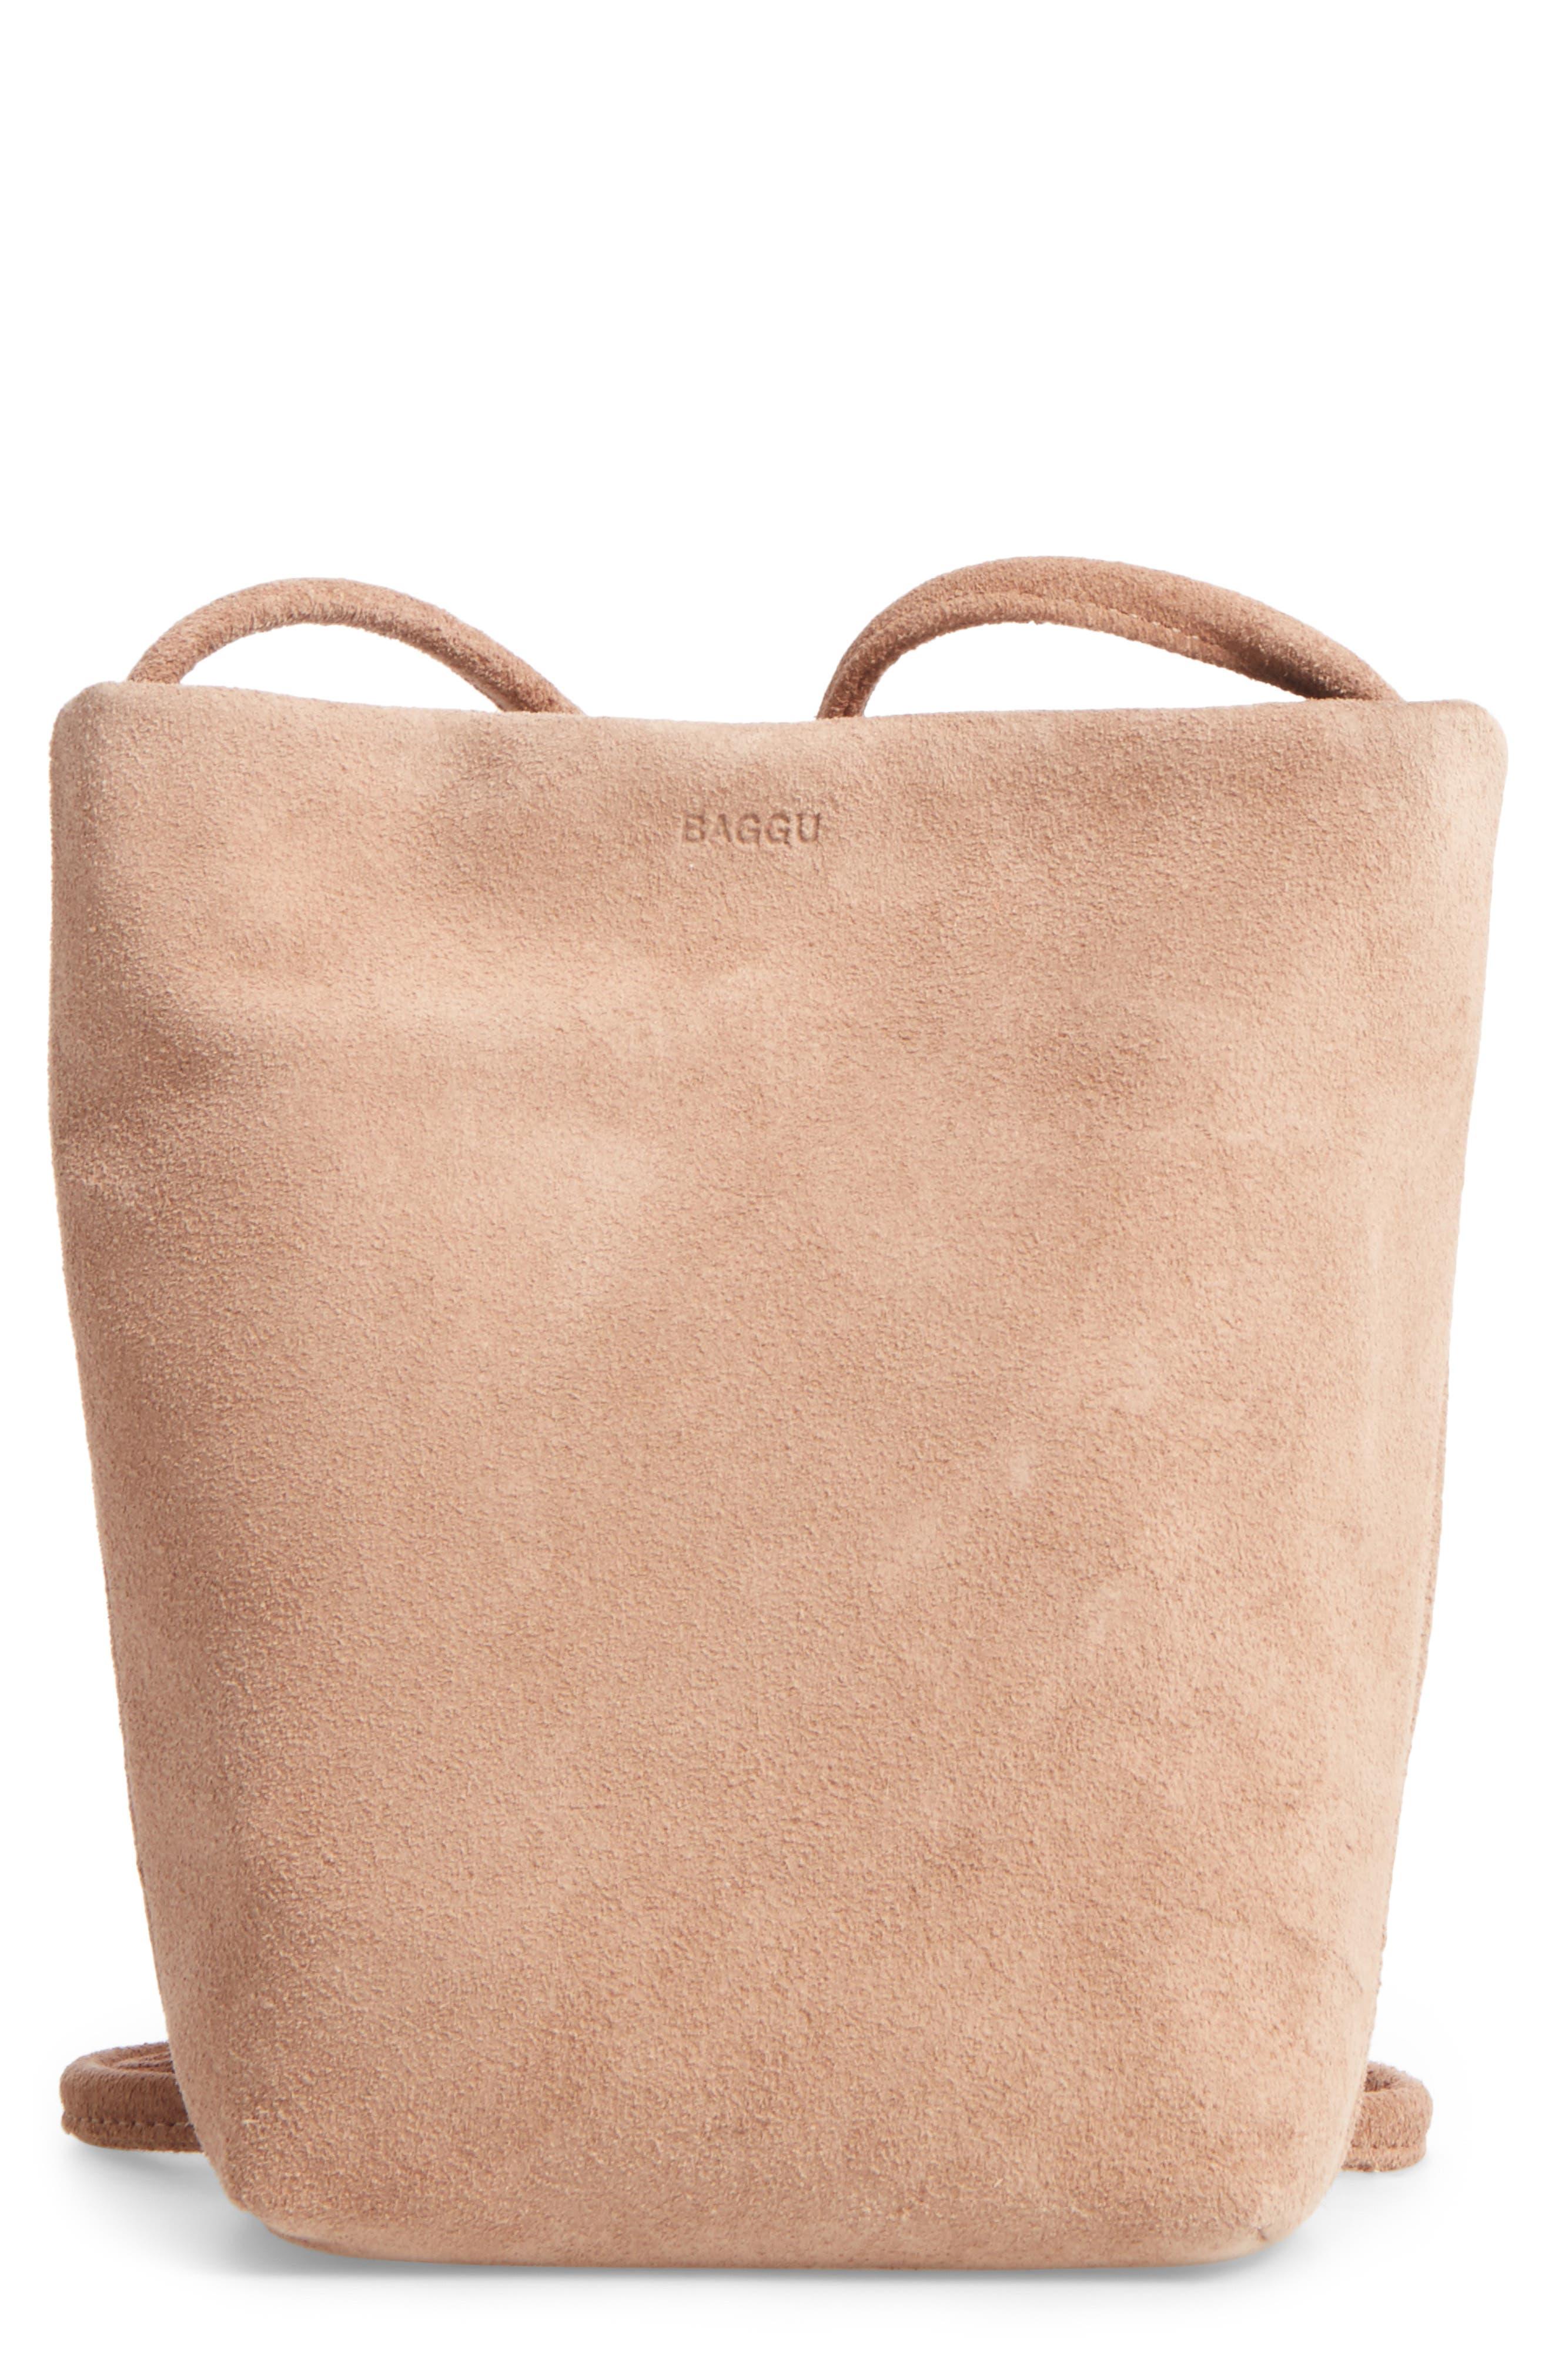 Main Image - Baggu Leather Crossbody Bag